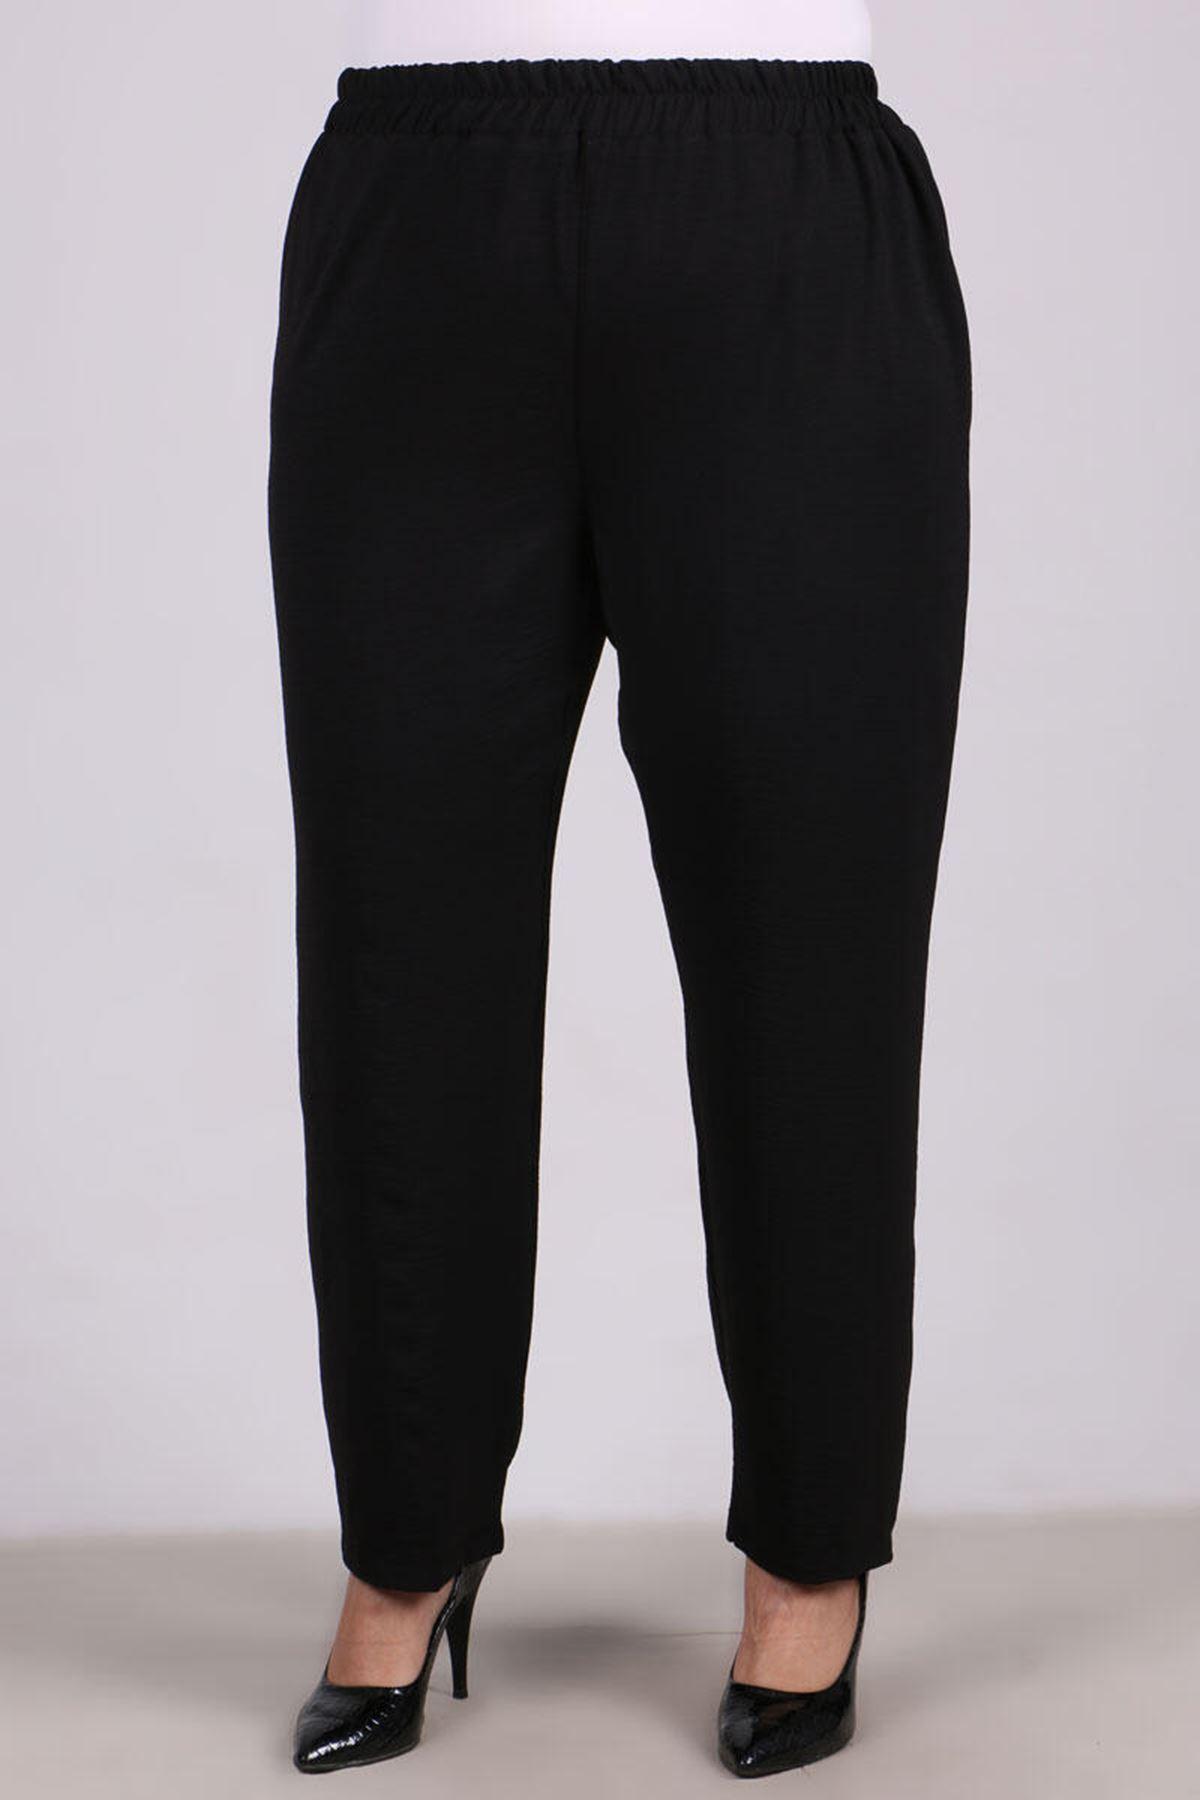 7674 Plus Size Ruffle Detailed Pants Suit- Black